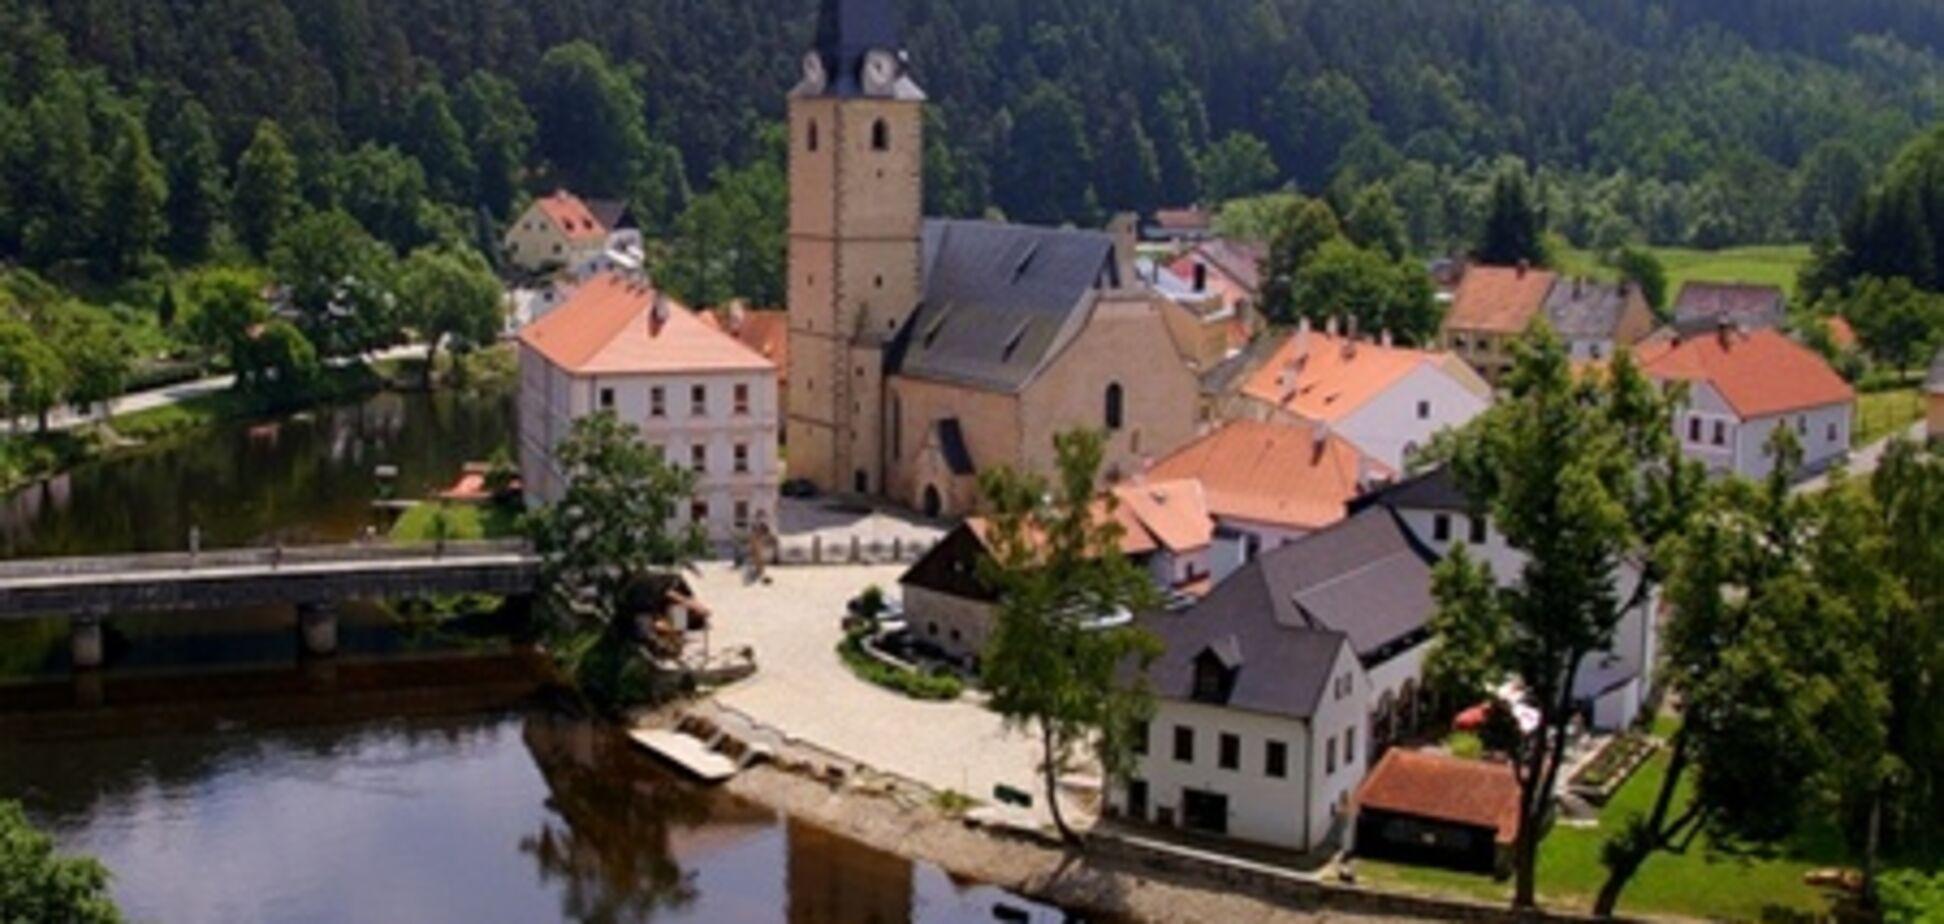 Недвижимость в Чехии подорожала